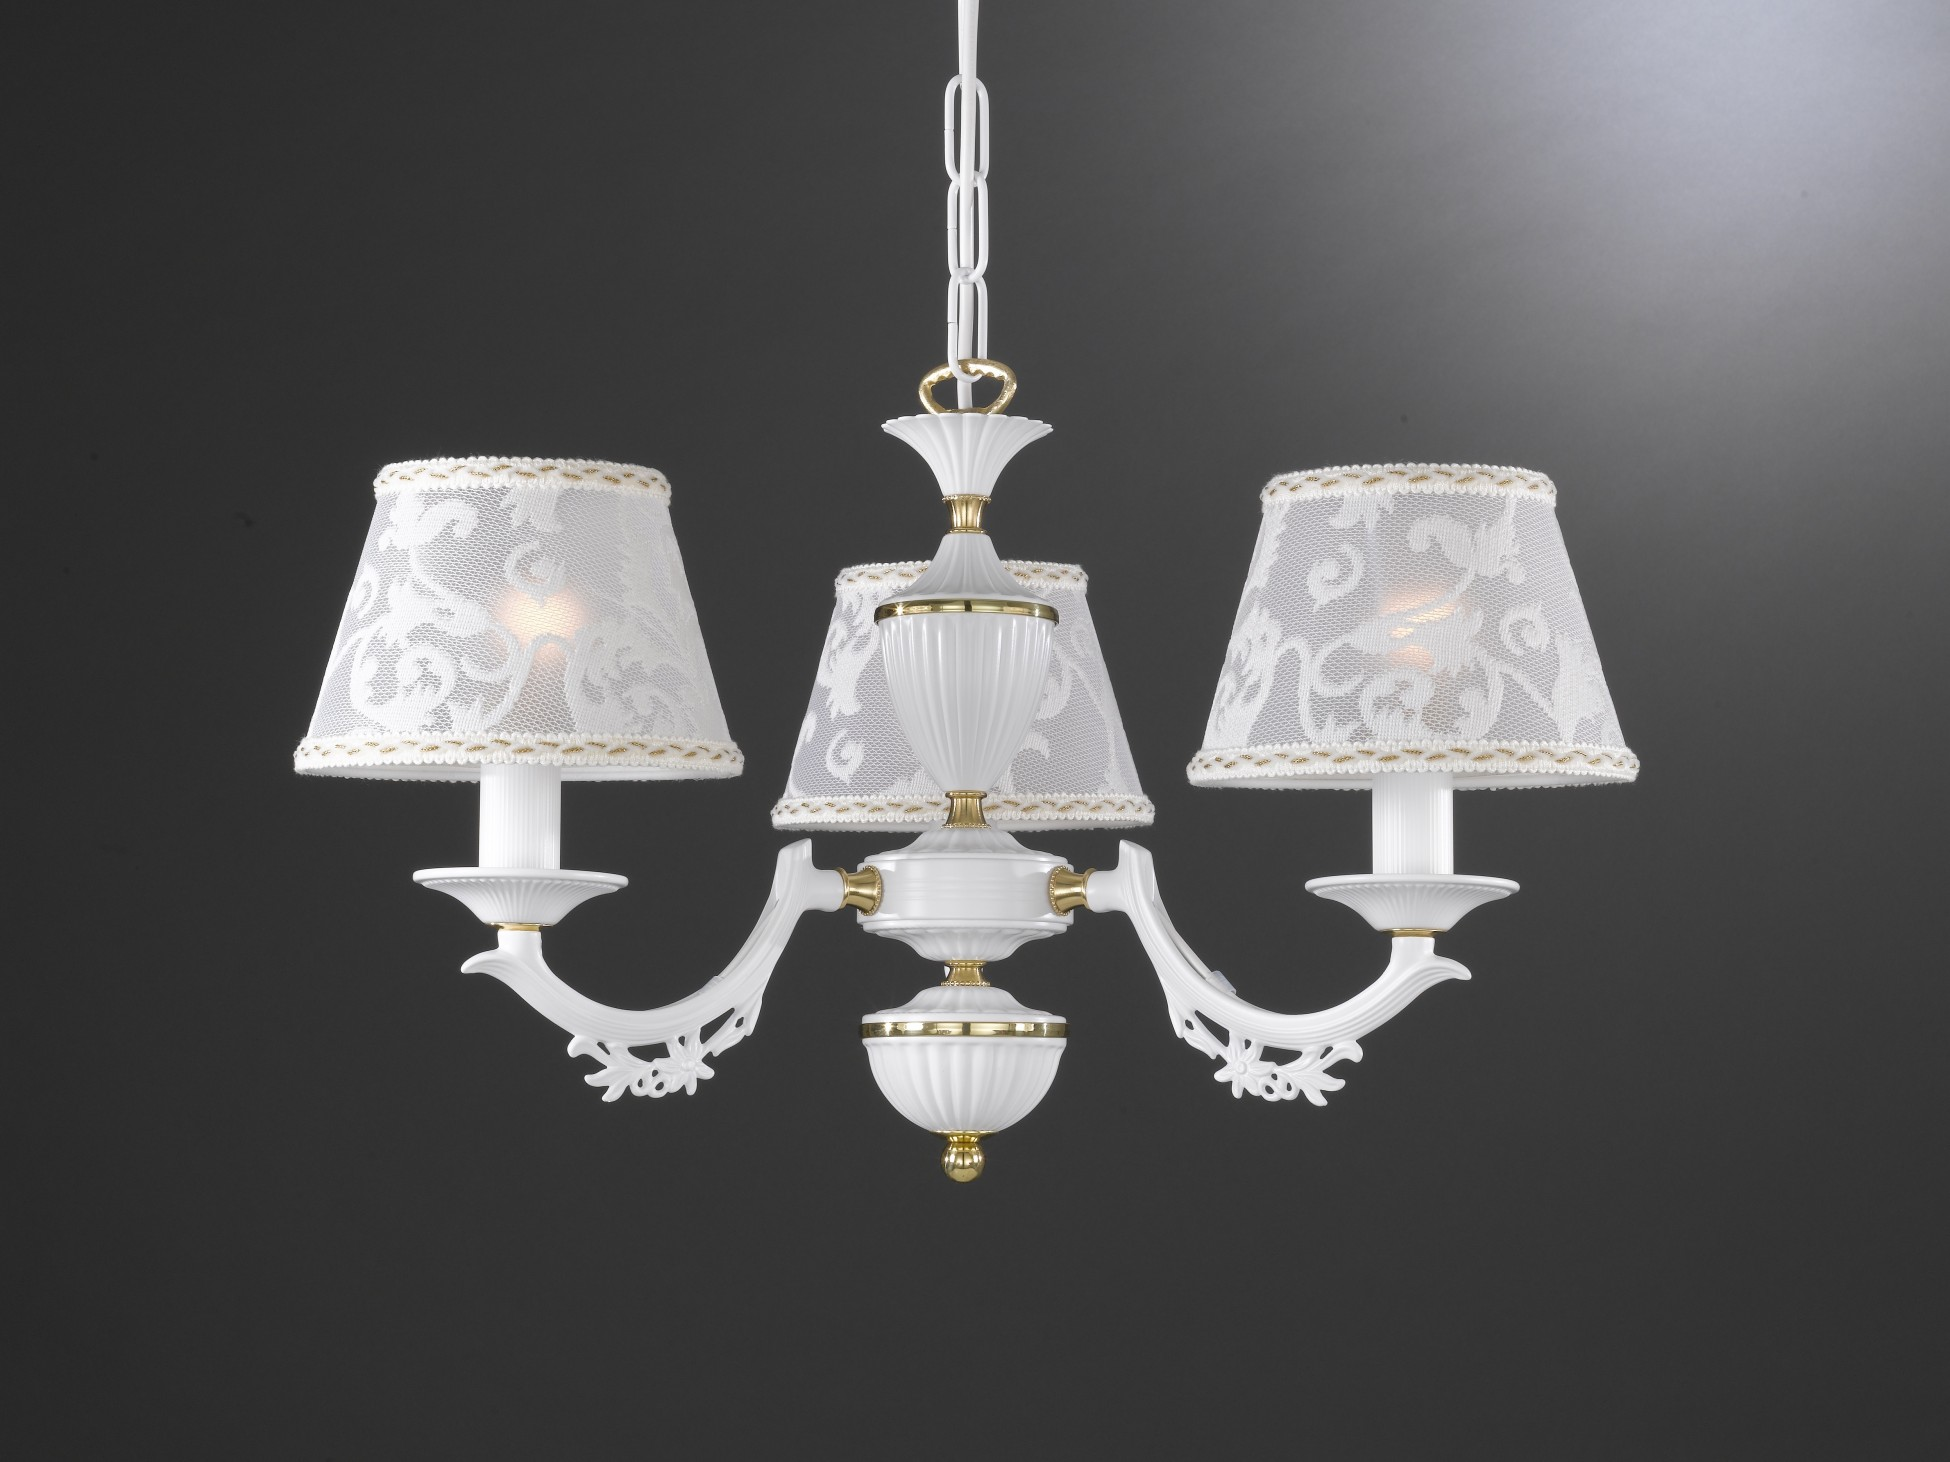 Lampadario Bianco Opaco : Lampadario in ottone bianco opaco con paralumi a luci reccagni